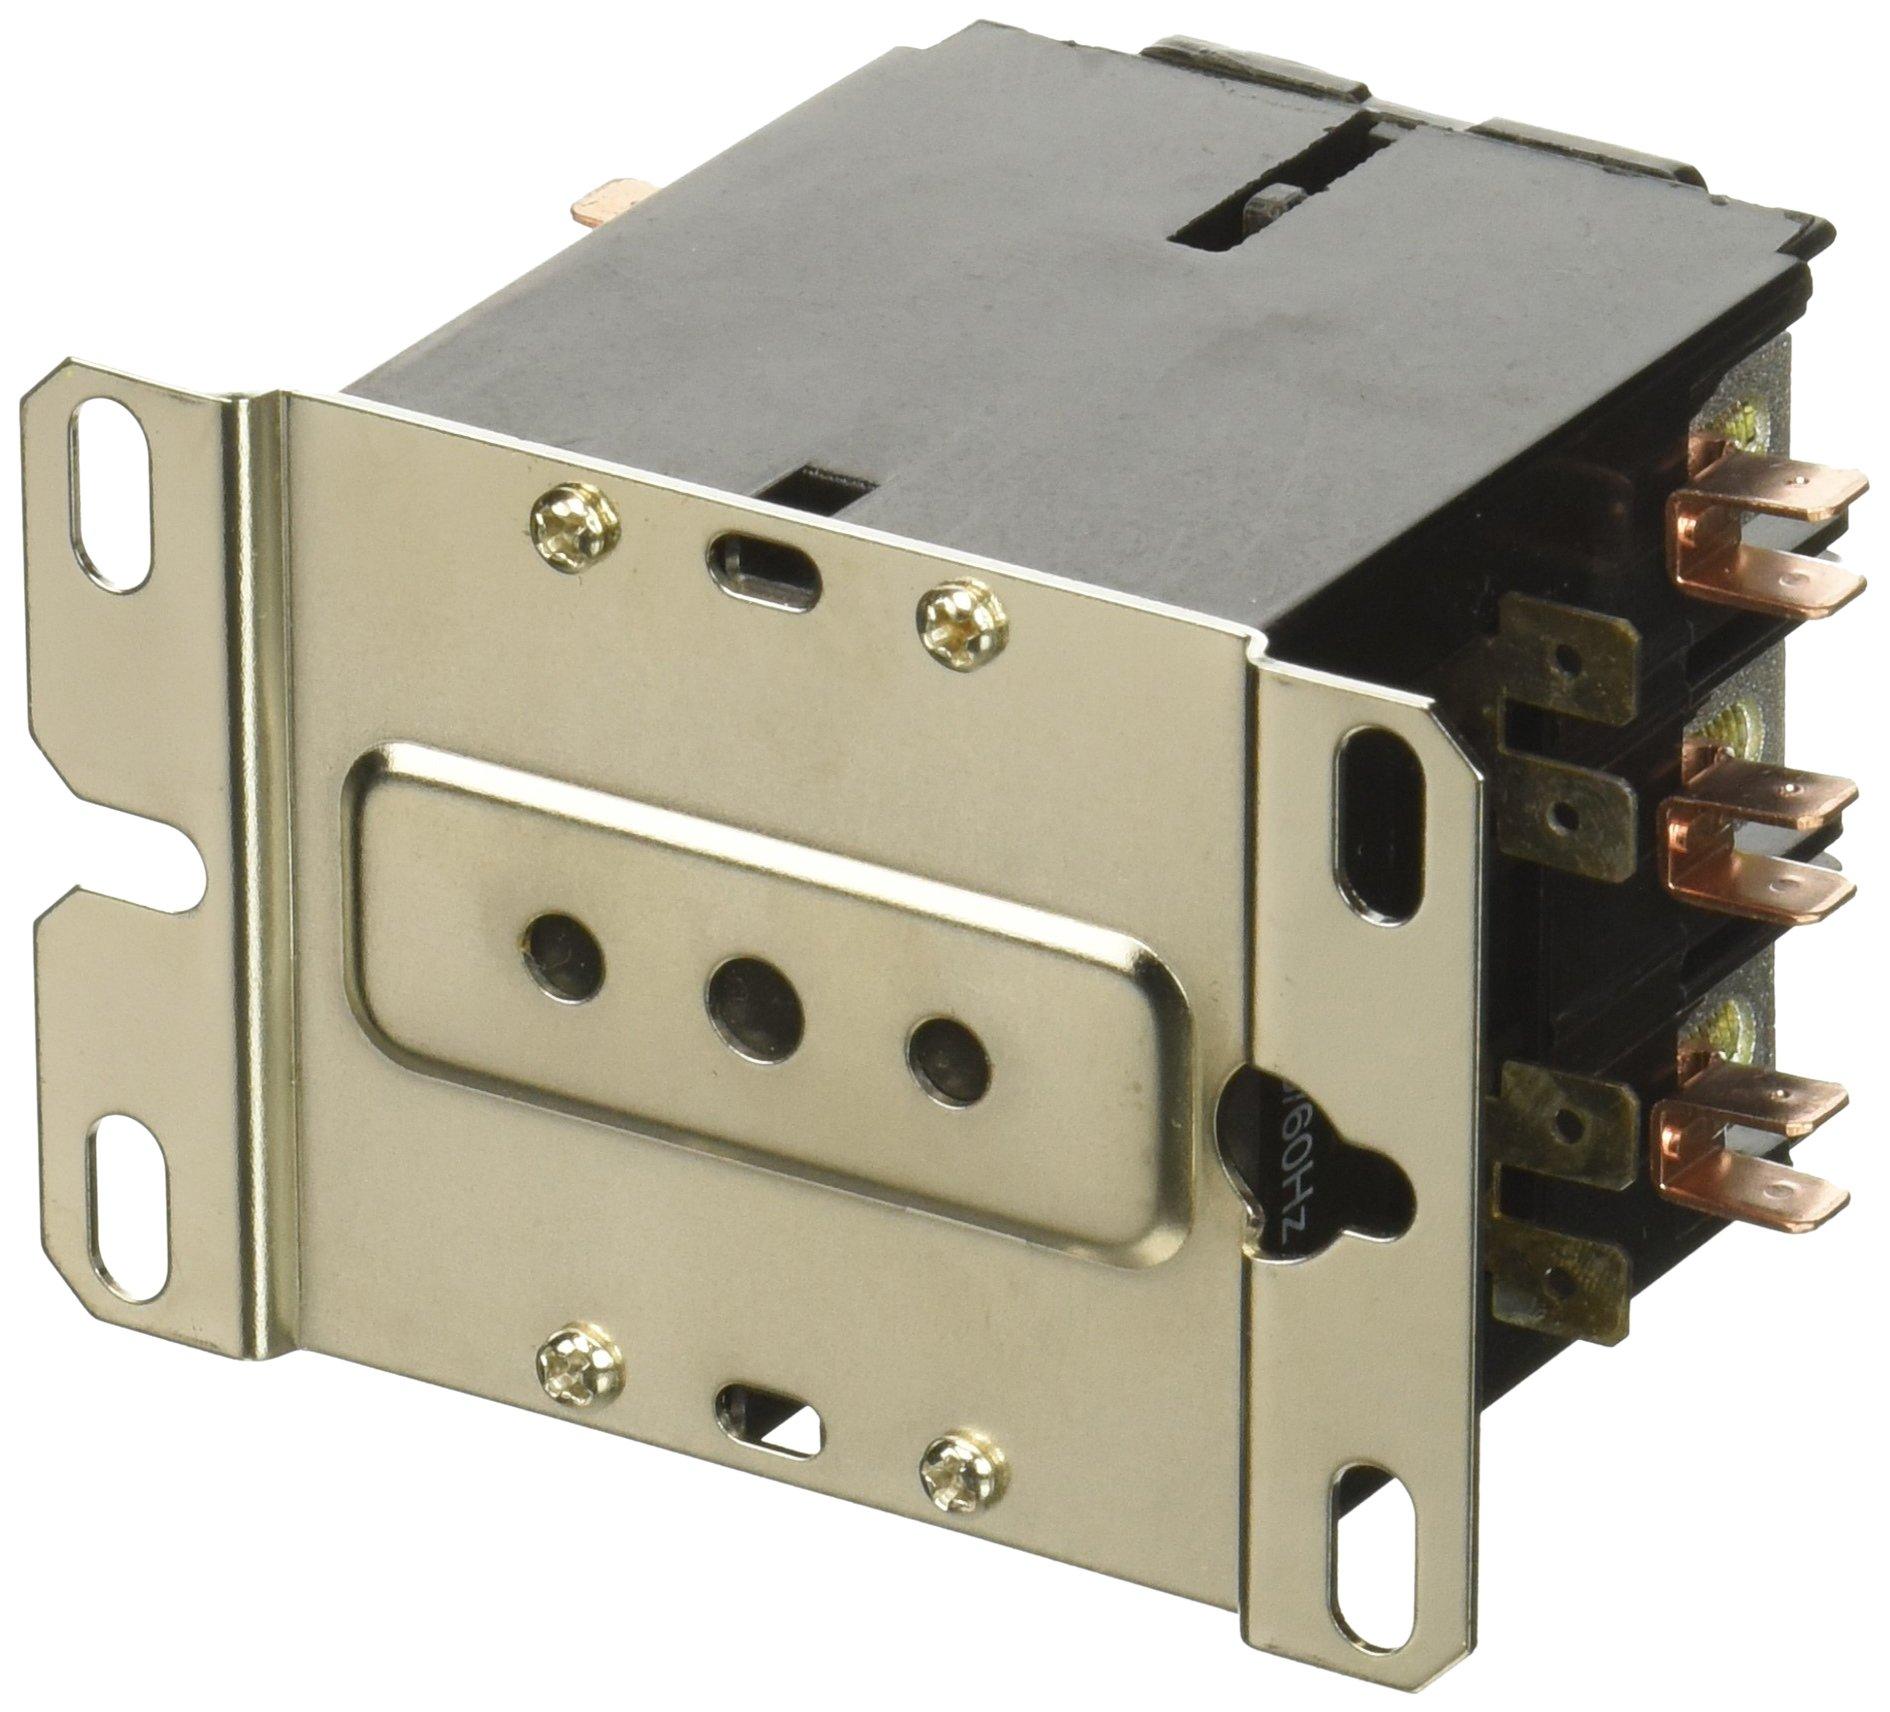 MARS - Motors & Armatures 17435 CONTACTOR 40A 3P 24V COIL